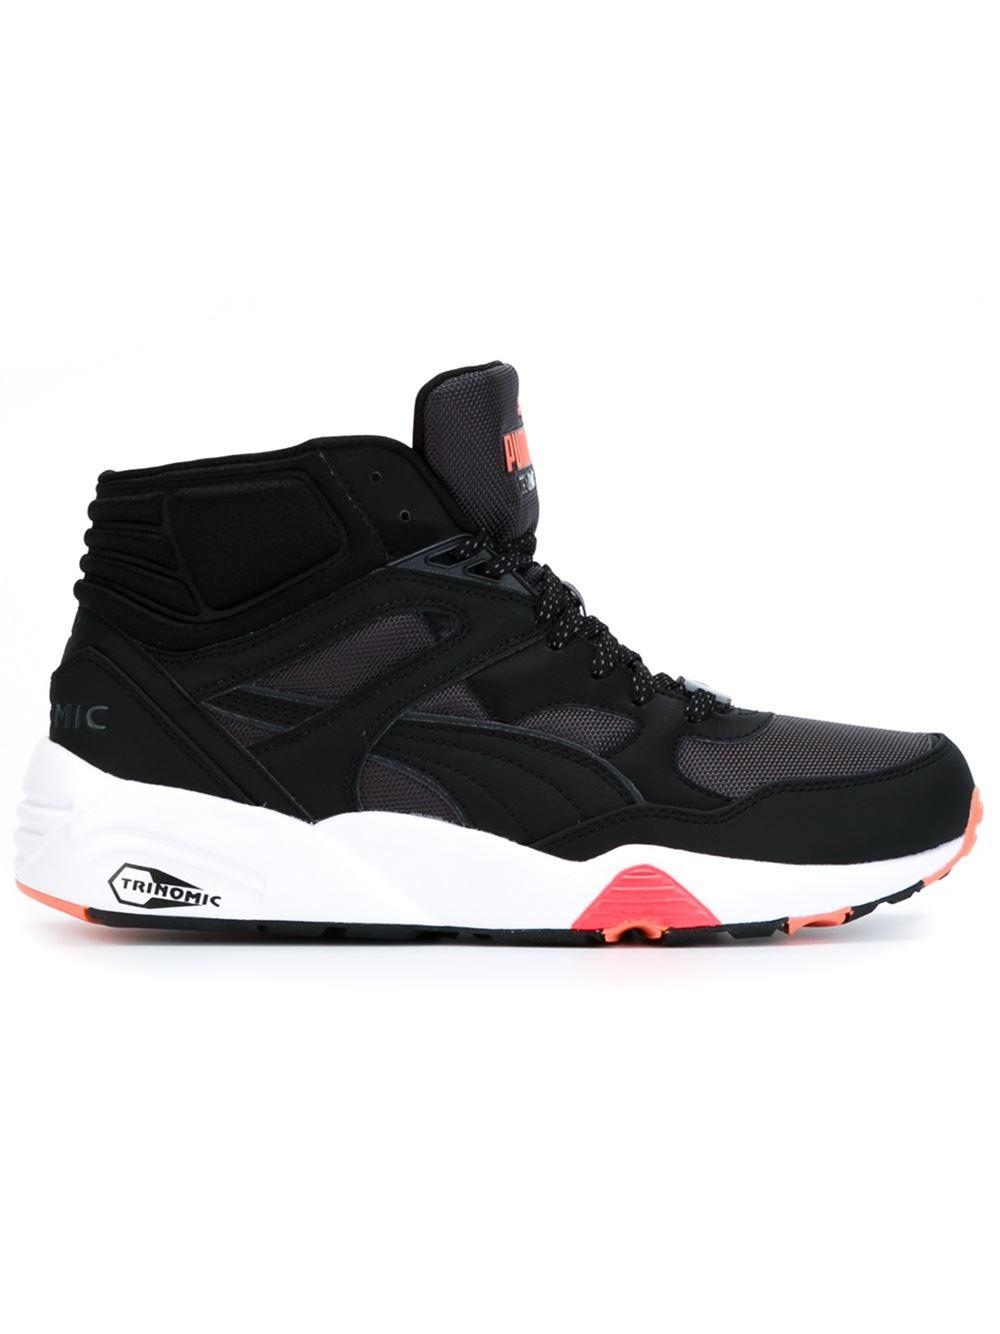 PUMA 'trinomic' Hi-top Sneakers in Black for Men - Lyst